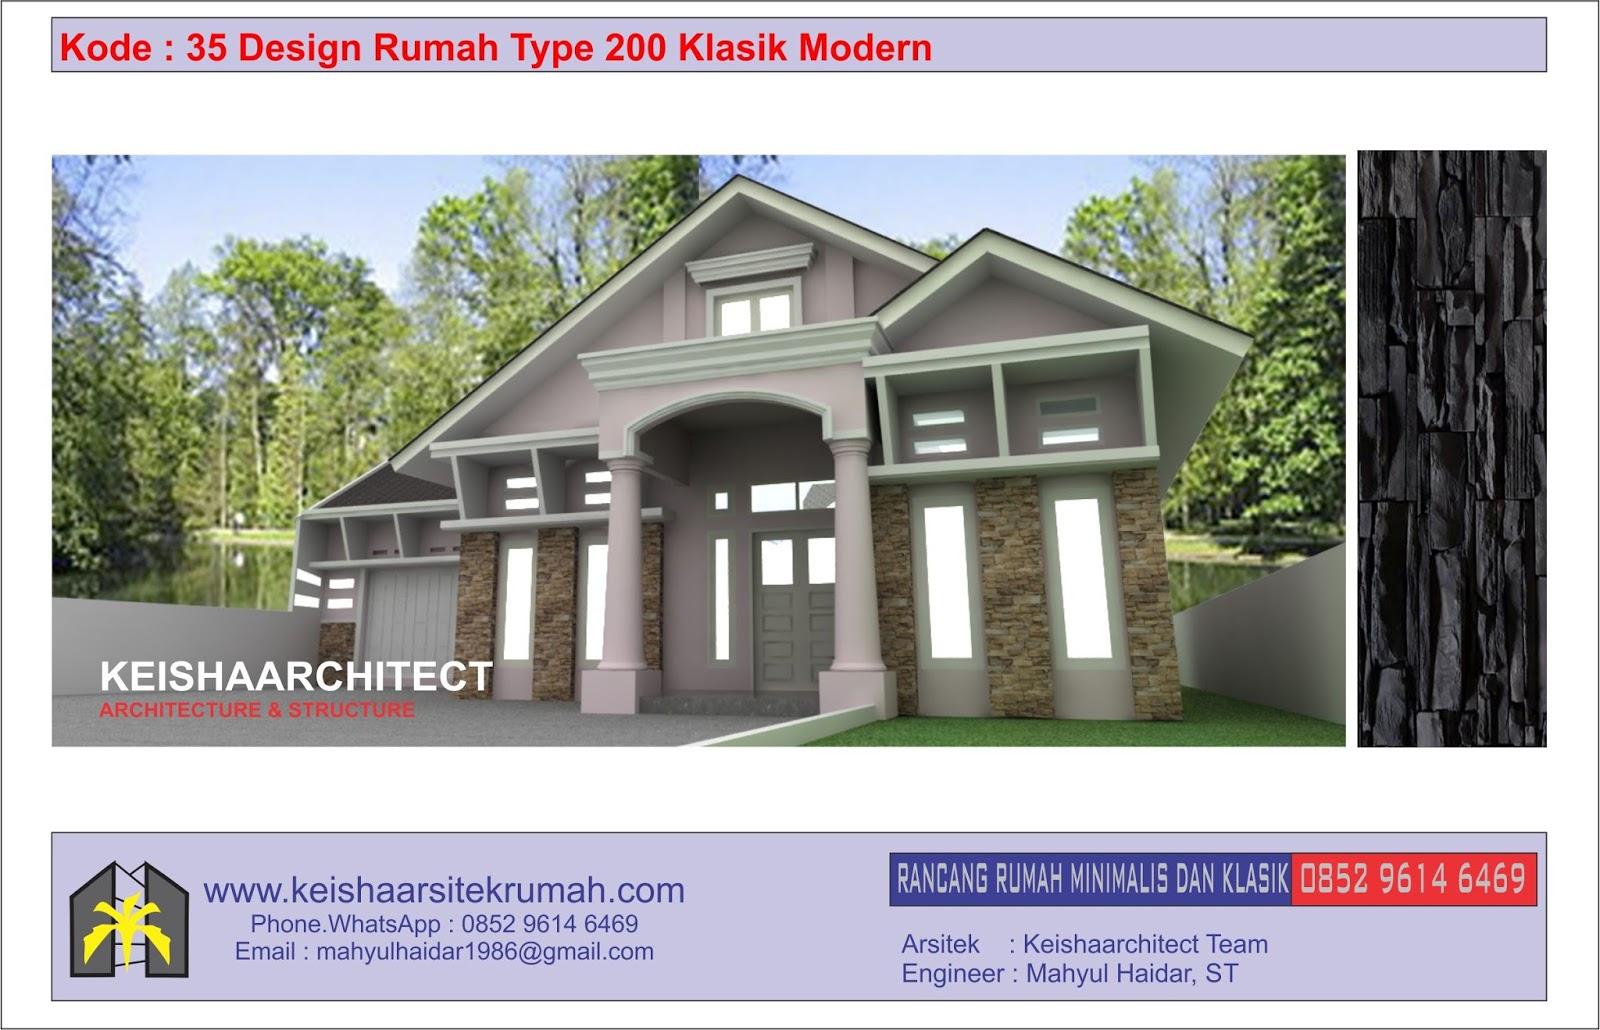 770 Foto Desain Rumah Type 200 HD Terbaru Yang Bisa Anda Tiru